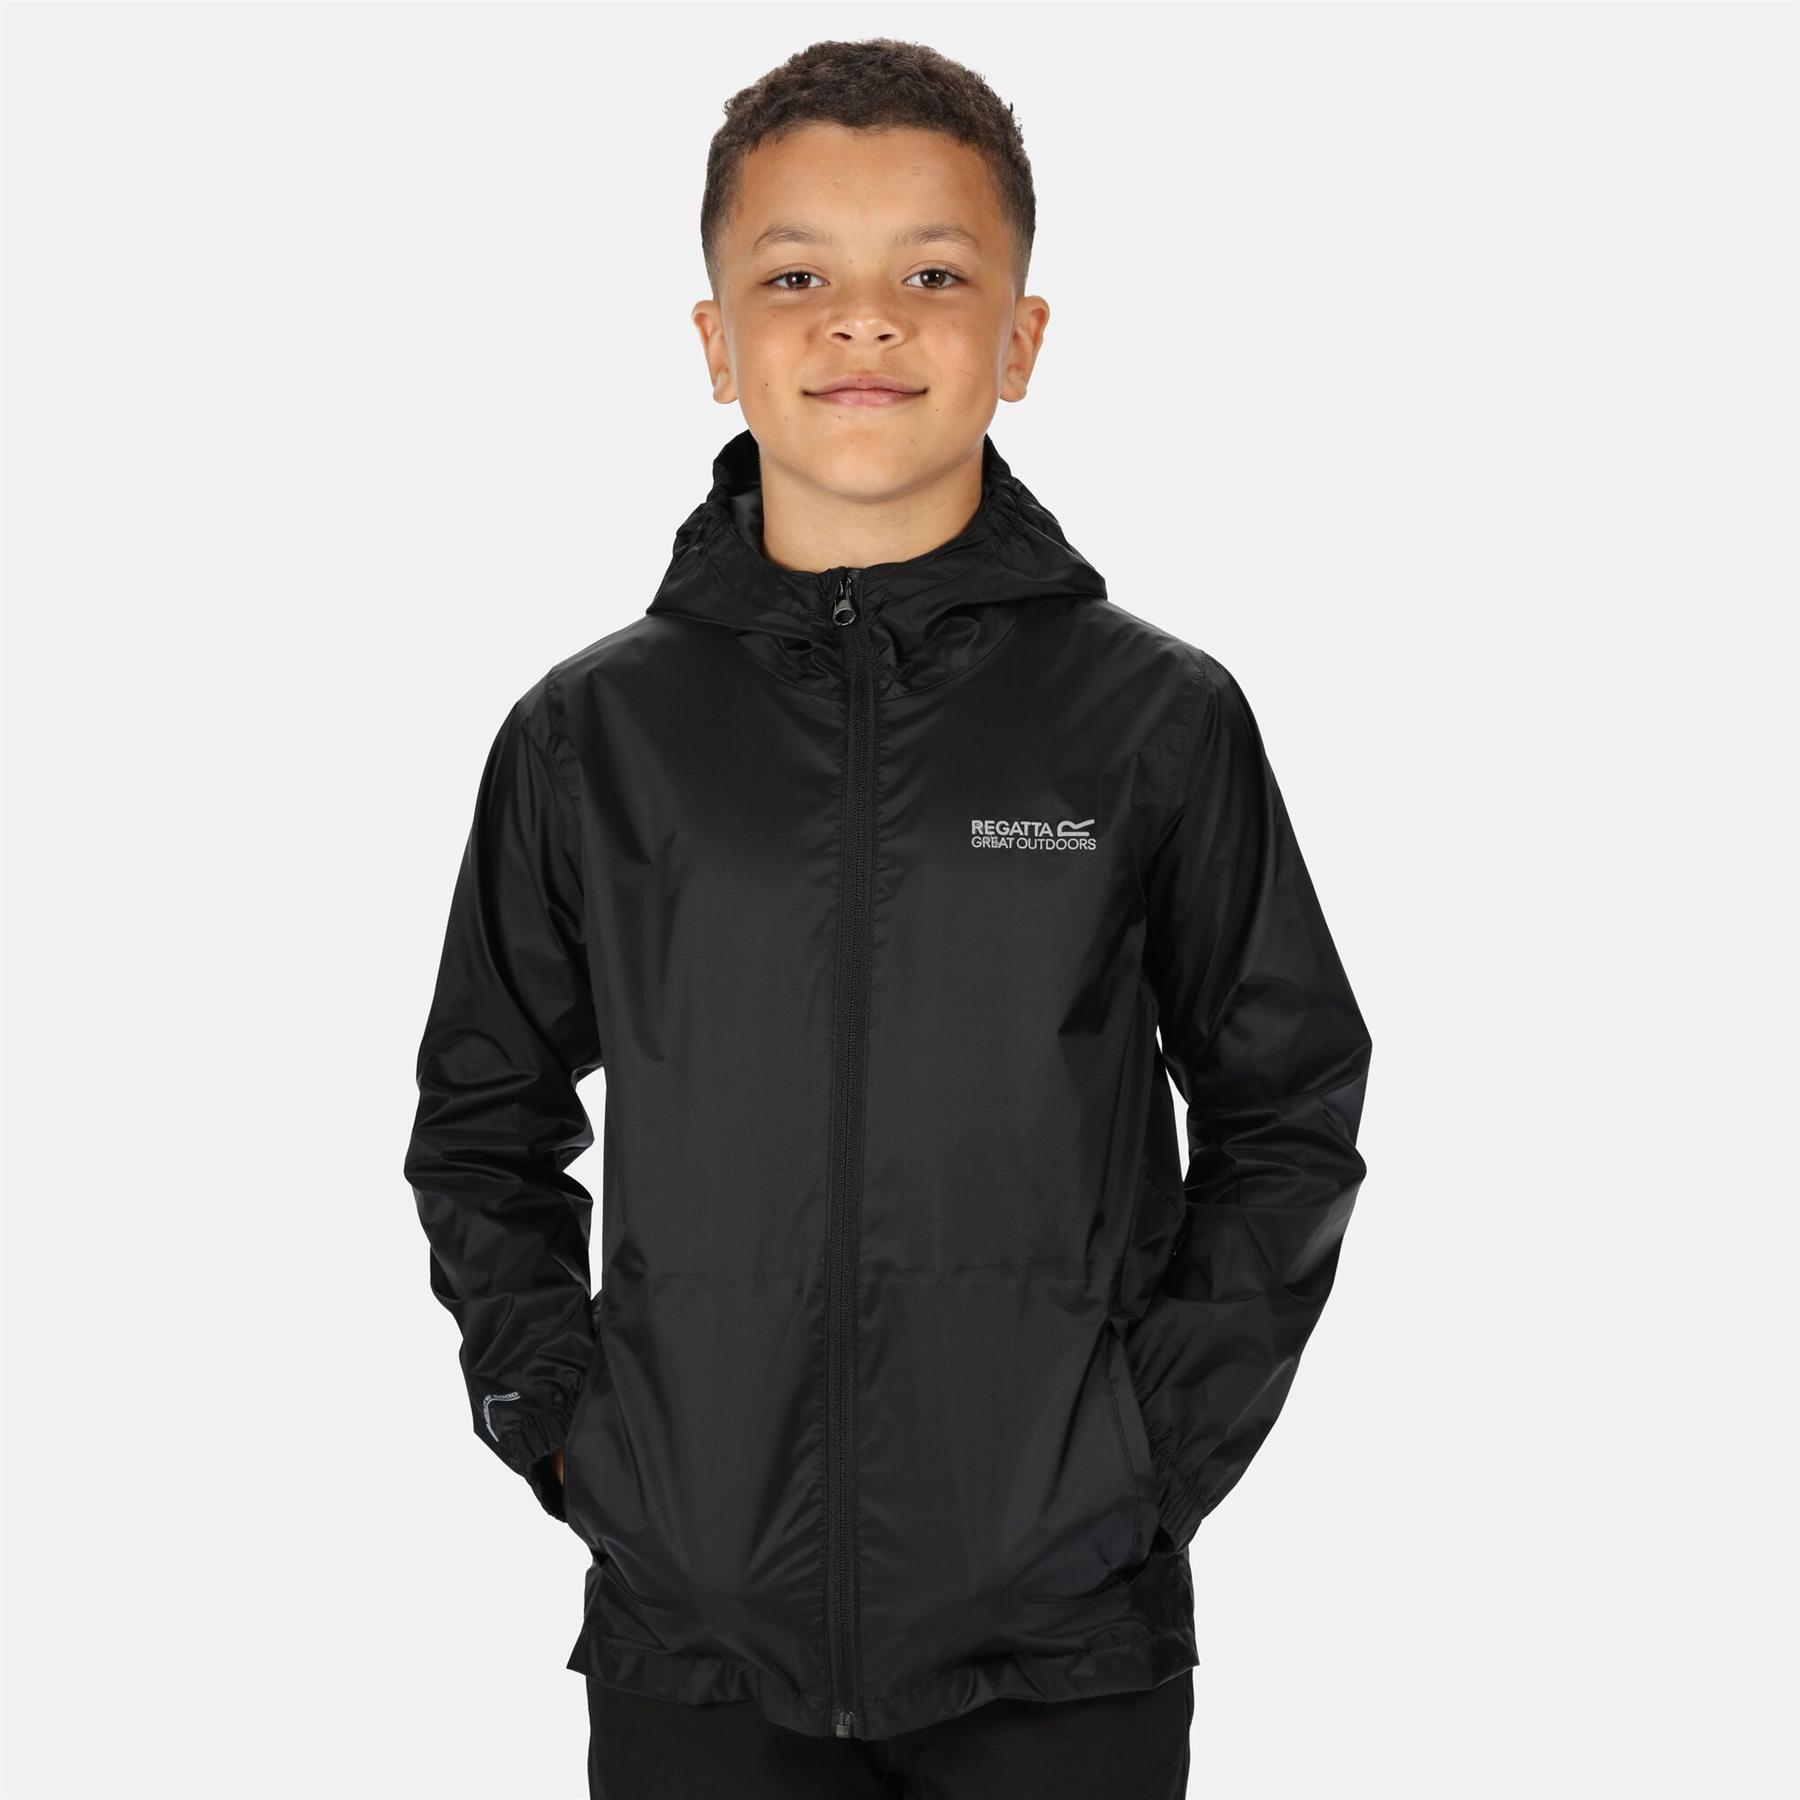 miniatuur 11 - Regatta Kids Pack it Jacket II Lightweight Waterproof Packaway Jacket Boys Girls